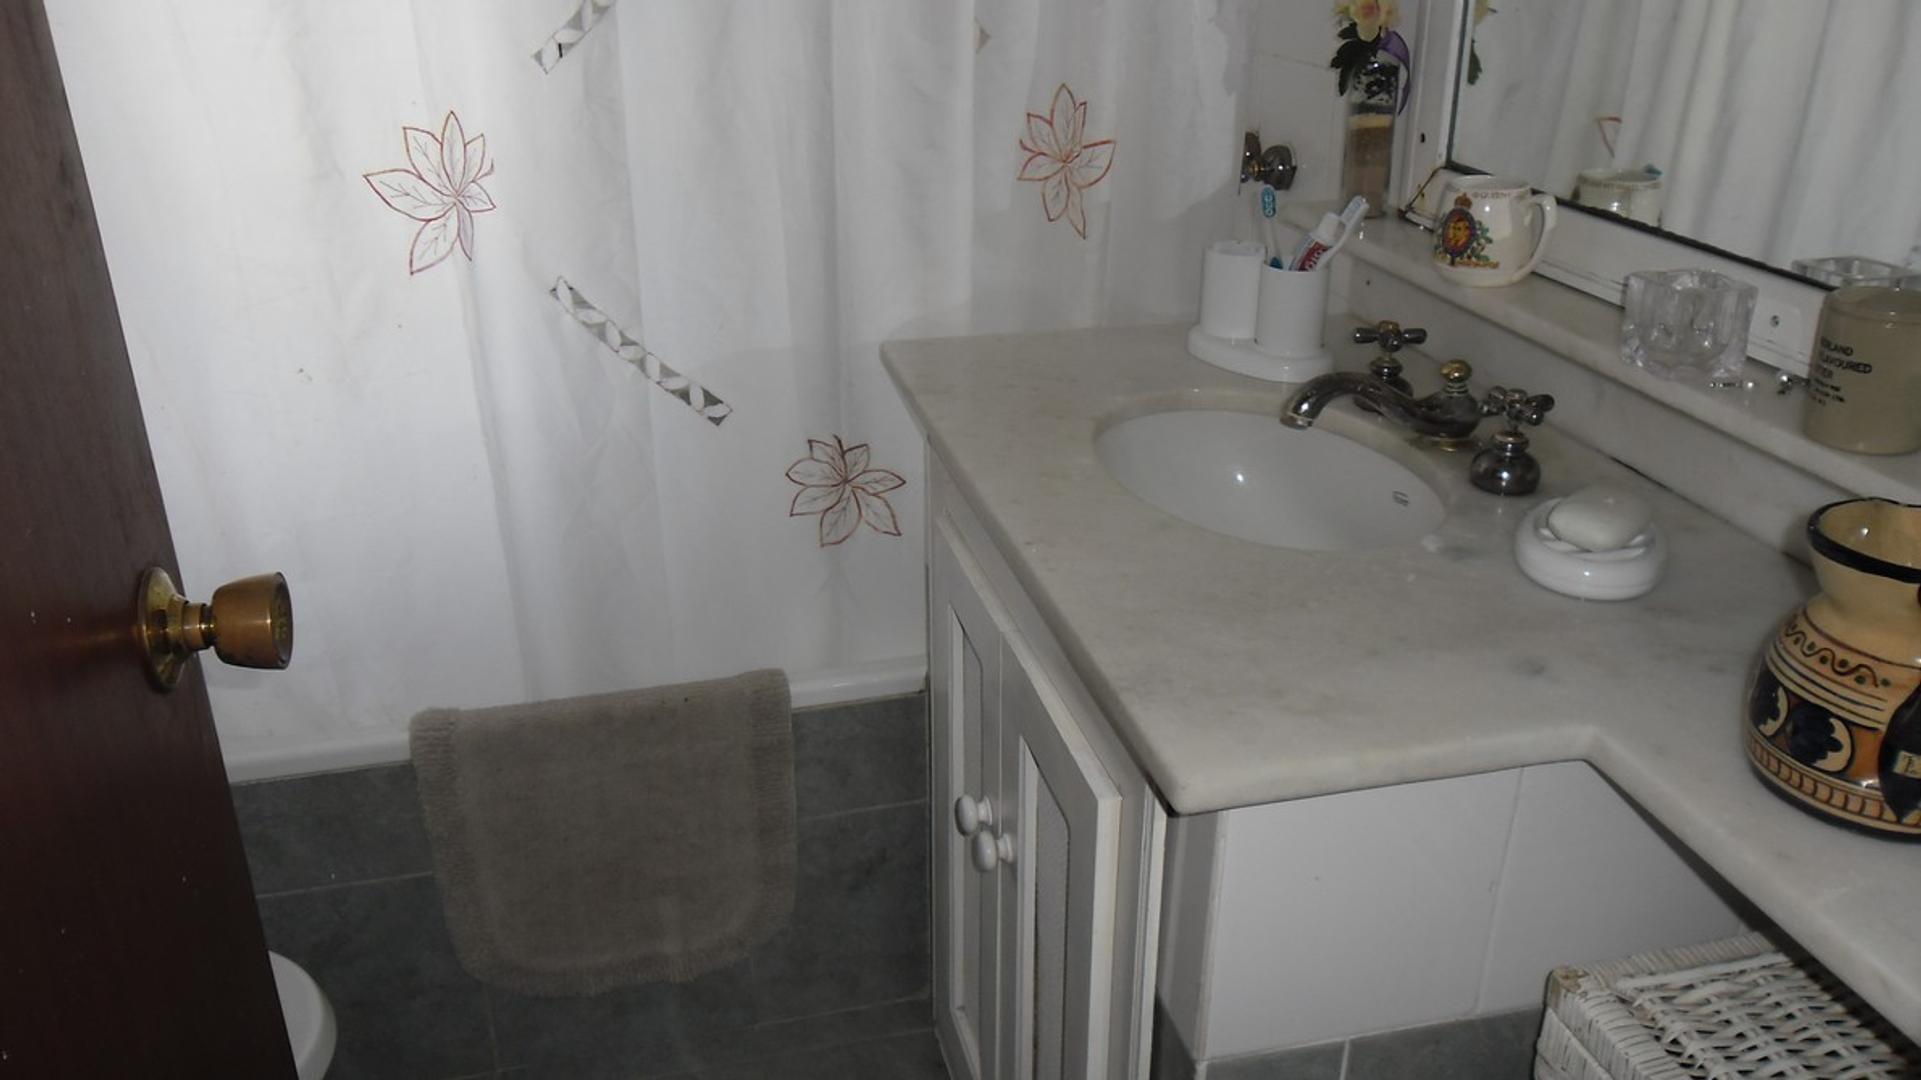 Casa - 240 m²   4 dormitorios   3 baños